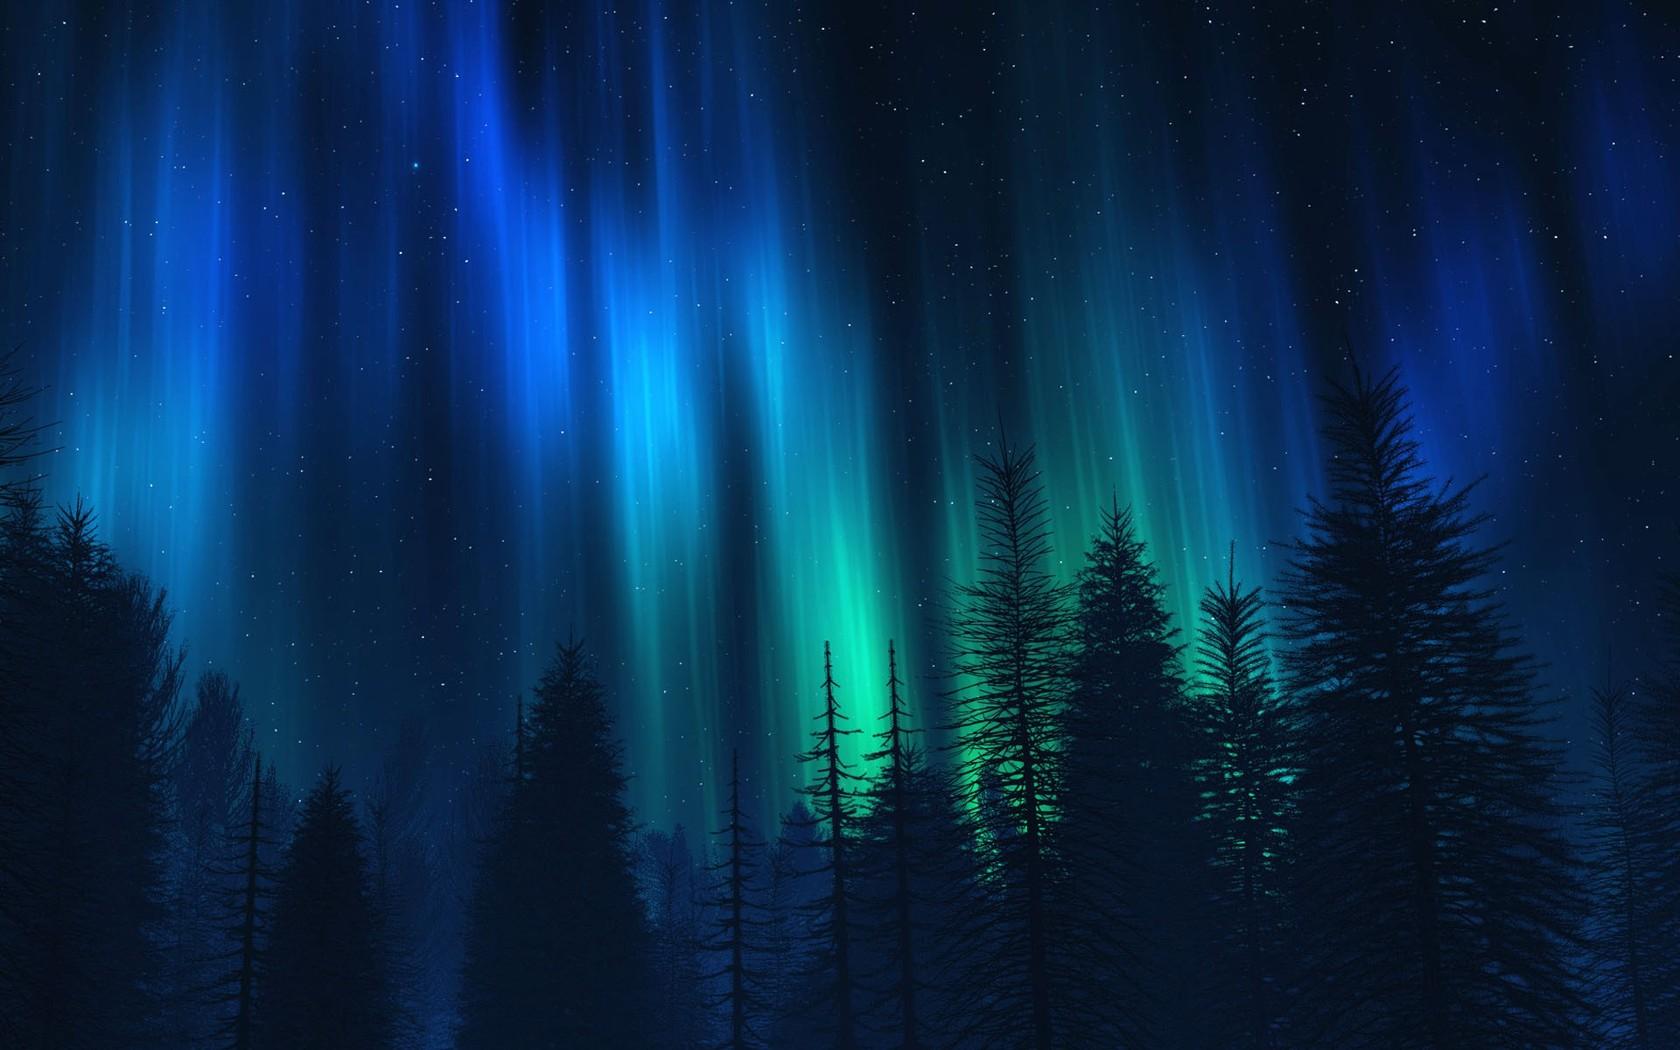 Northern lights over fir trees Widescreen Wallpaper - #3416